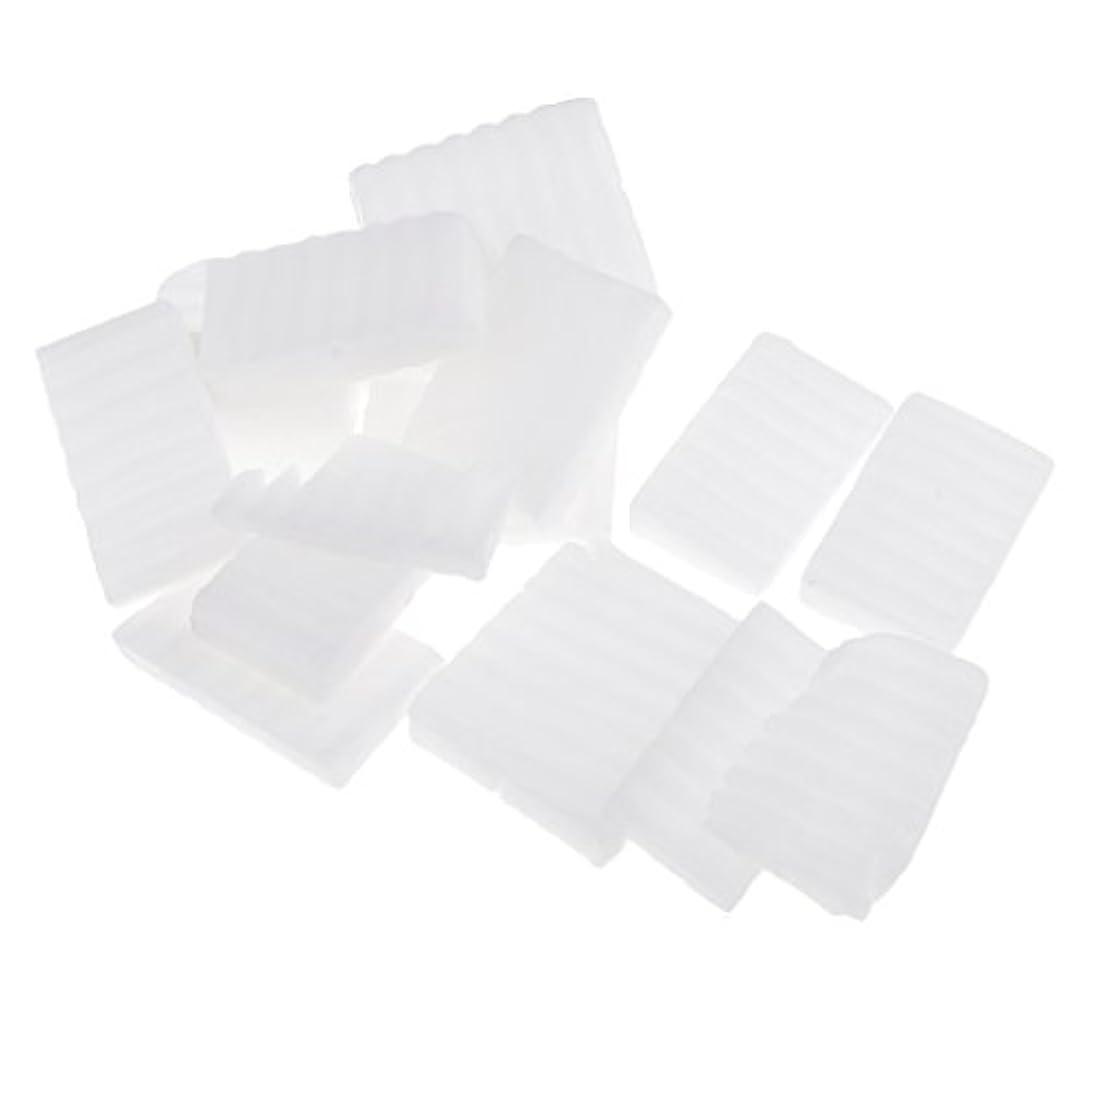 インシデント施設憎しみHomyl 約500g ホワイト 石鹸ベース DIY 手作り 石鹸 材料